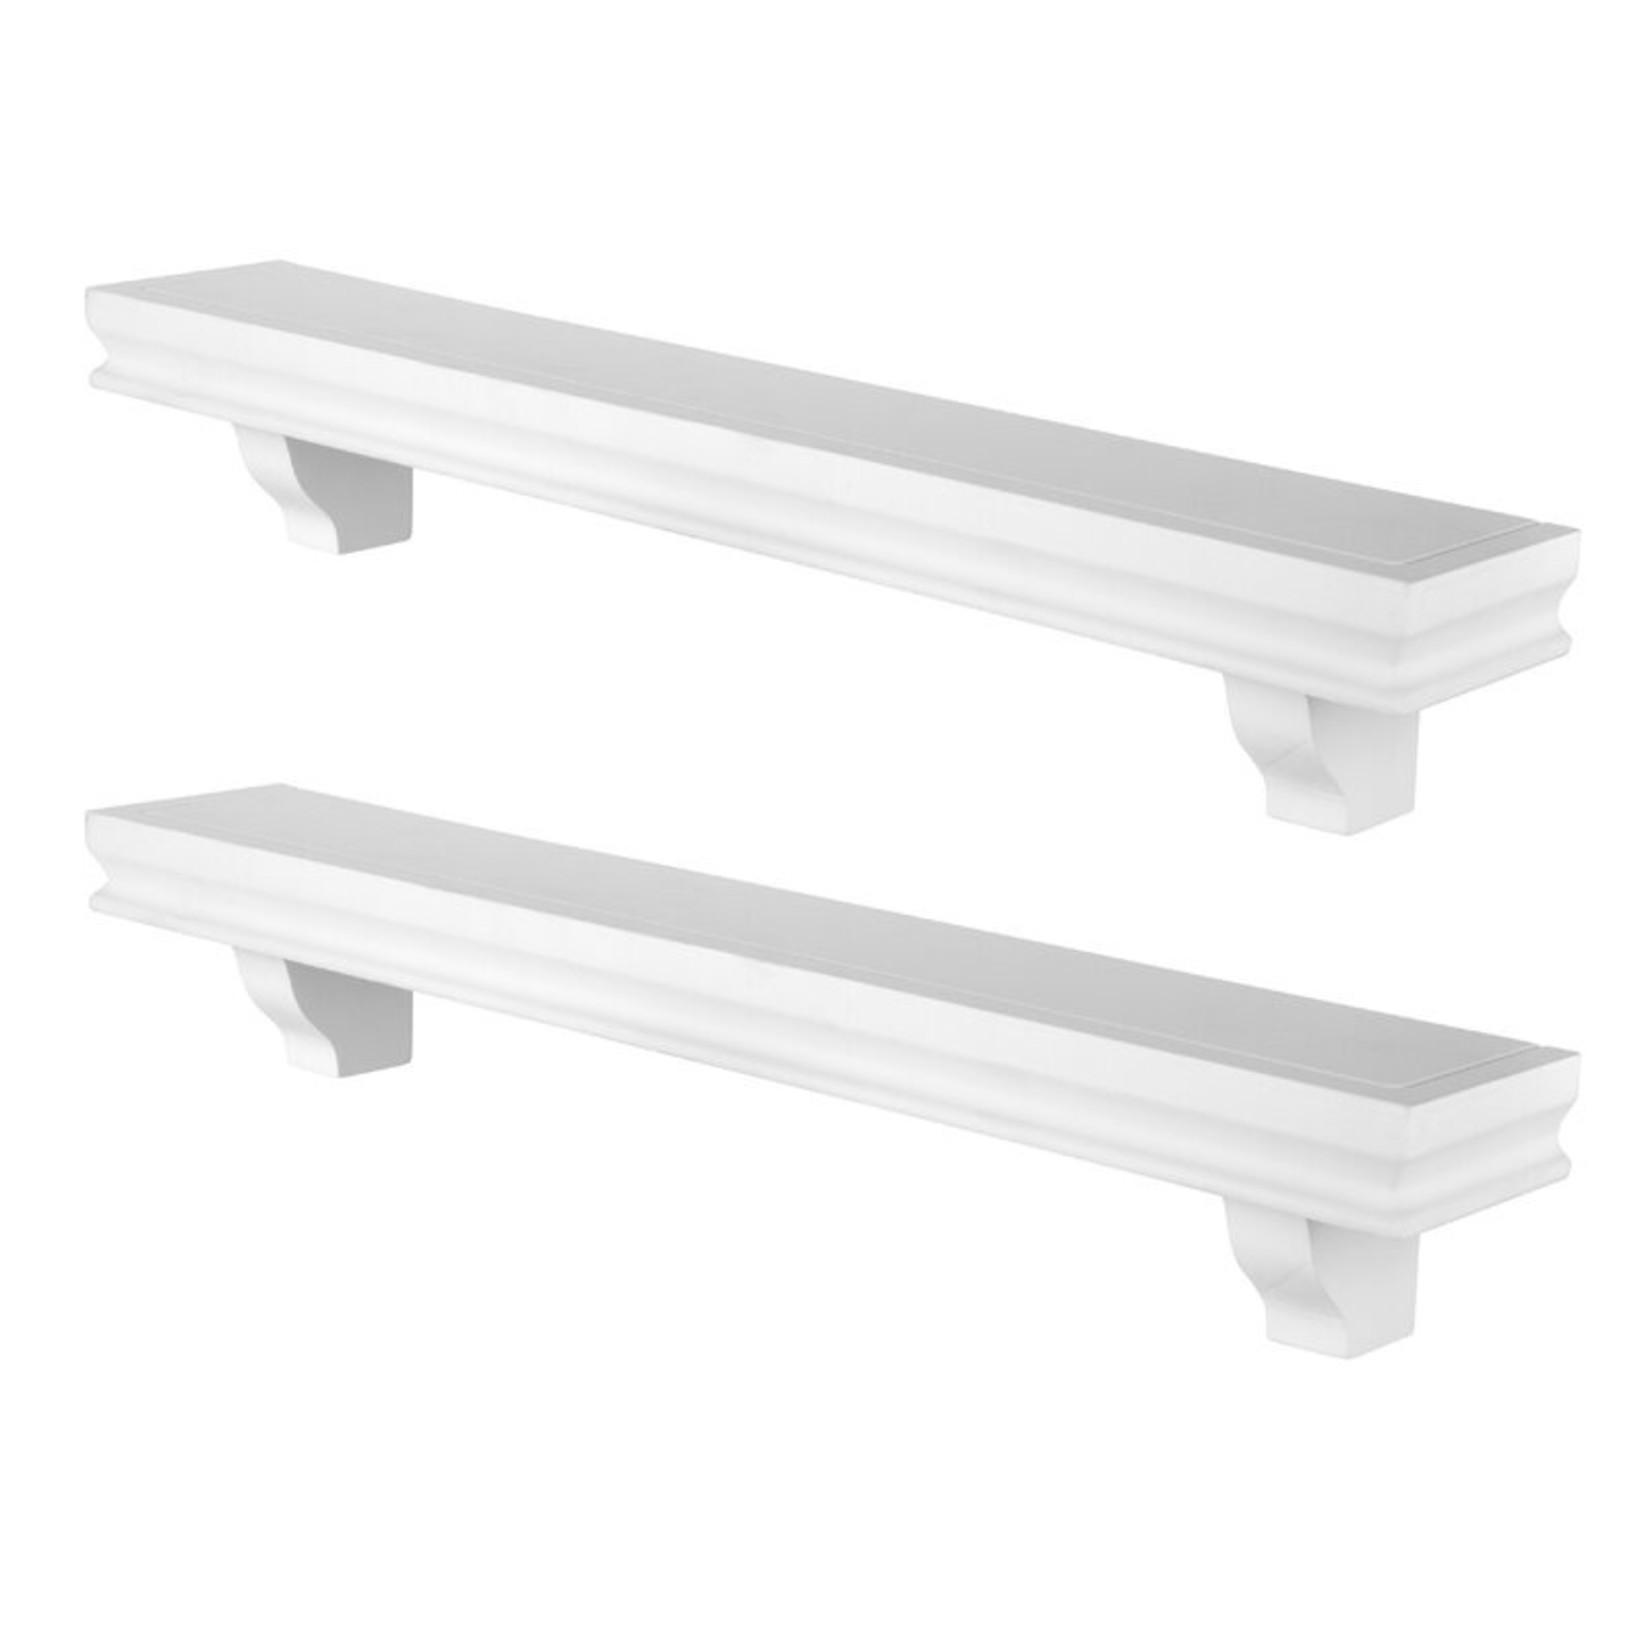 *Dov Decorative 2 Piece Accent Shelf - White